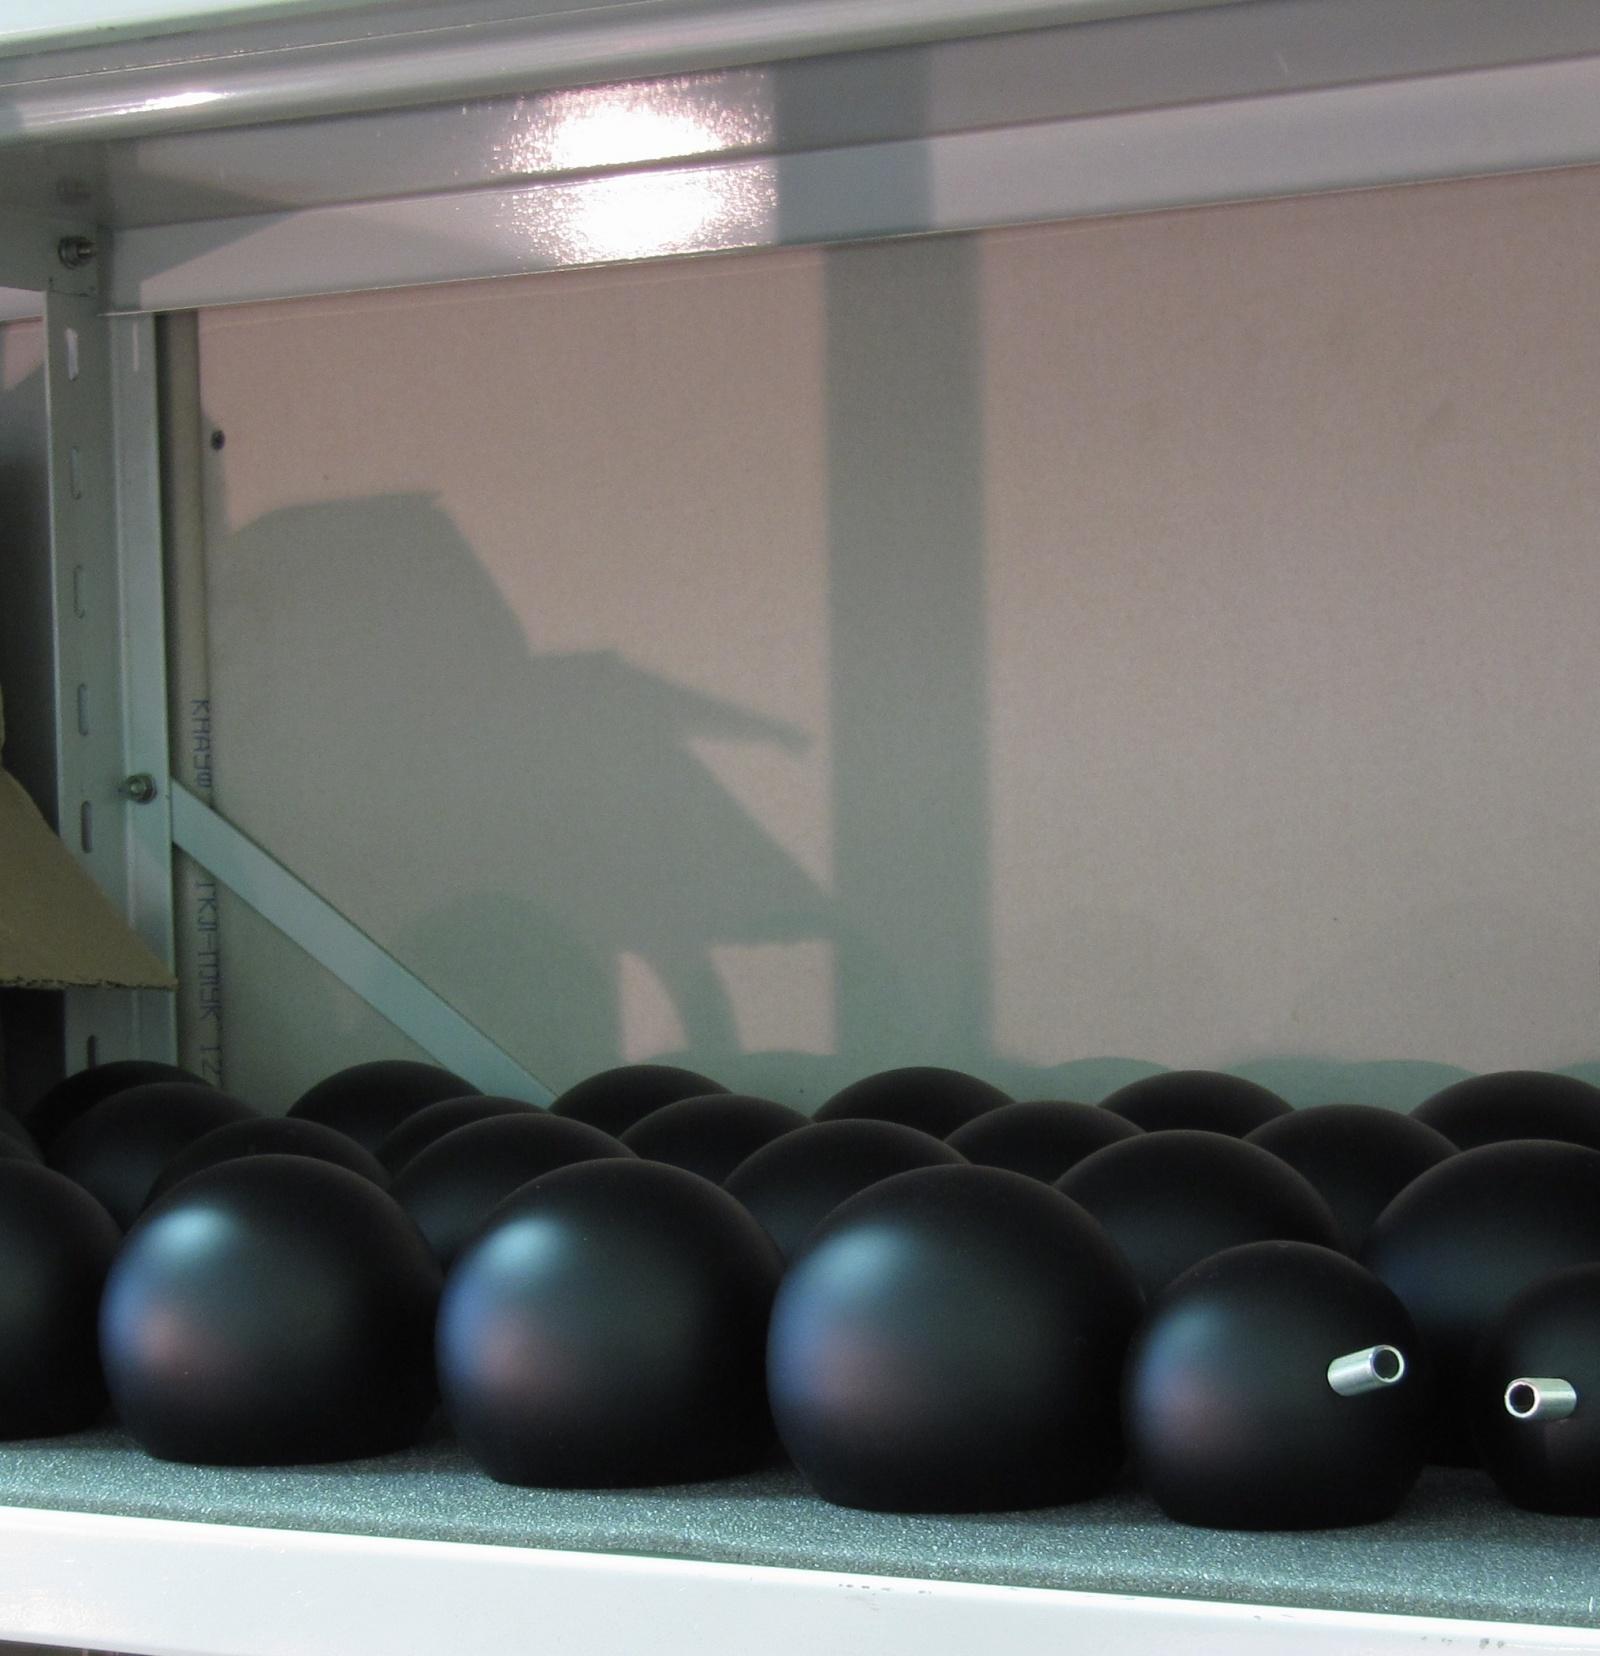 Сферическая акустика вне вакуума: преимущества, субъективная оценка, производство - 8